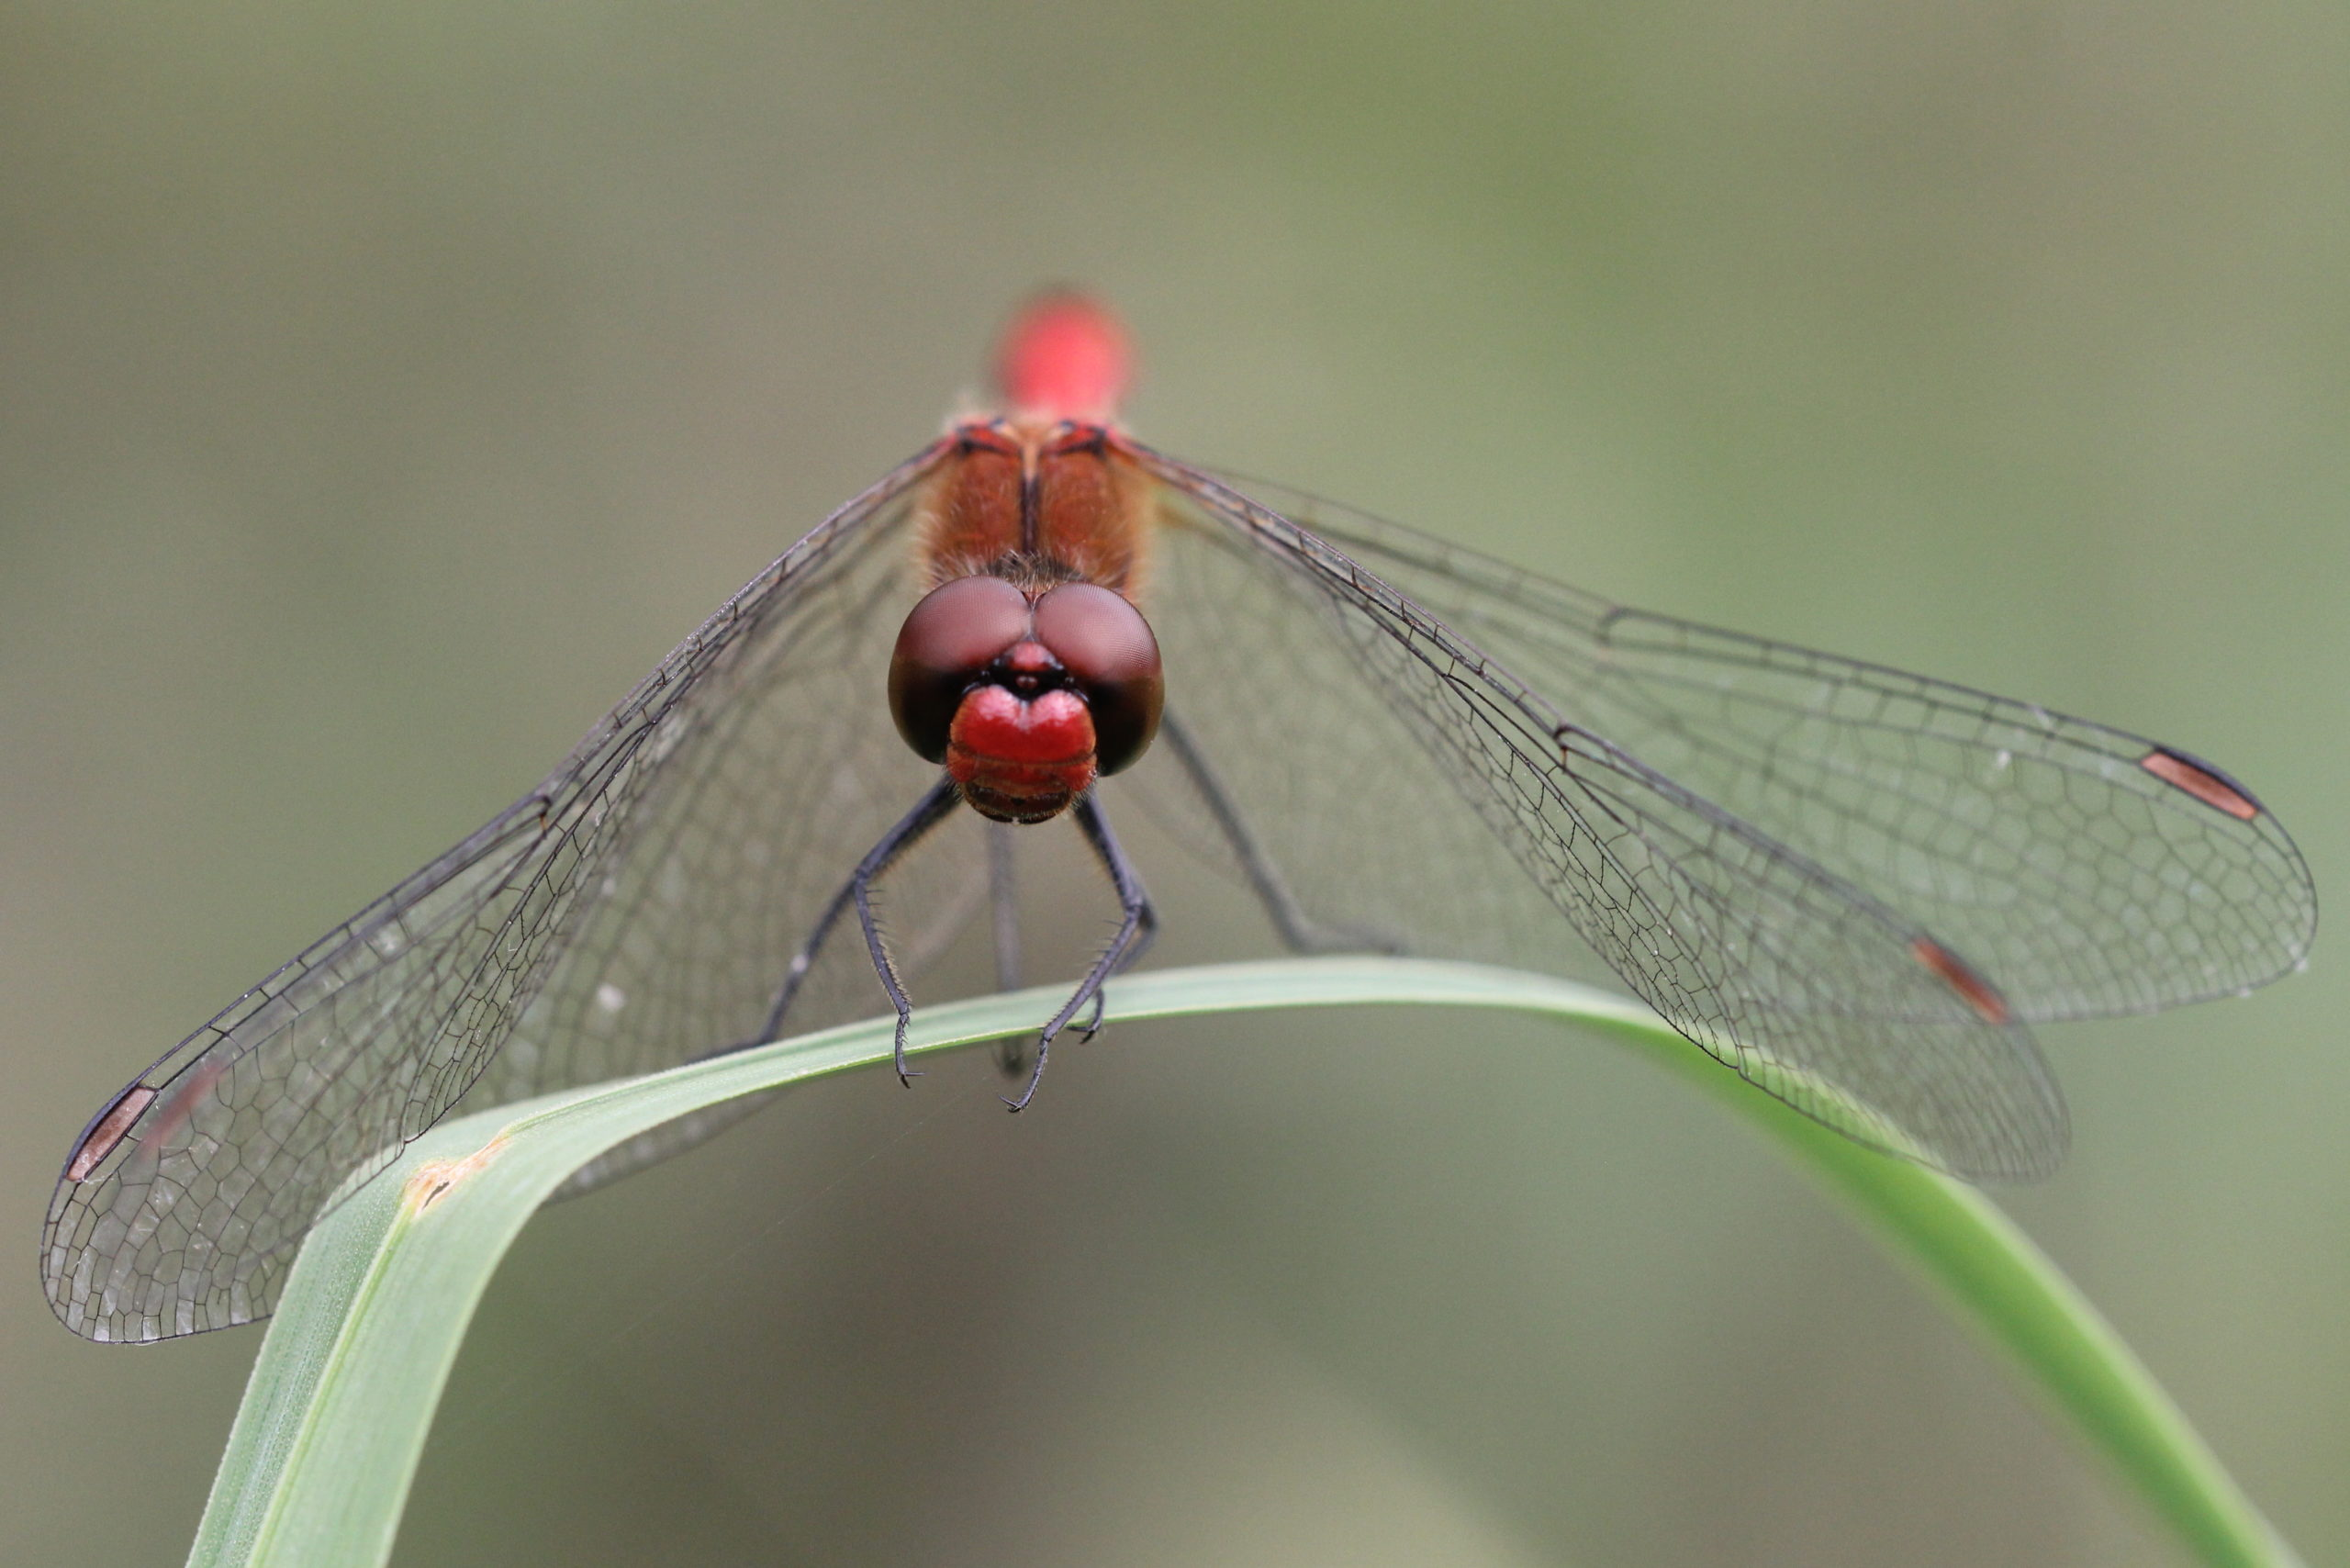 Ausstellung Fremde Nachbarn -Insektenfotografie